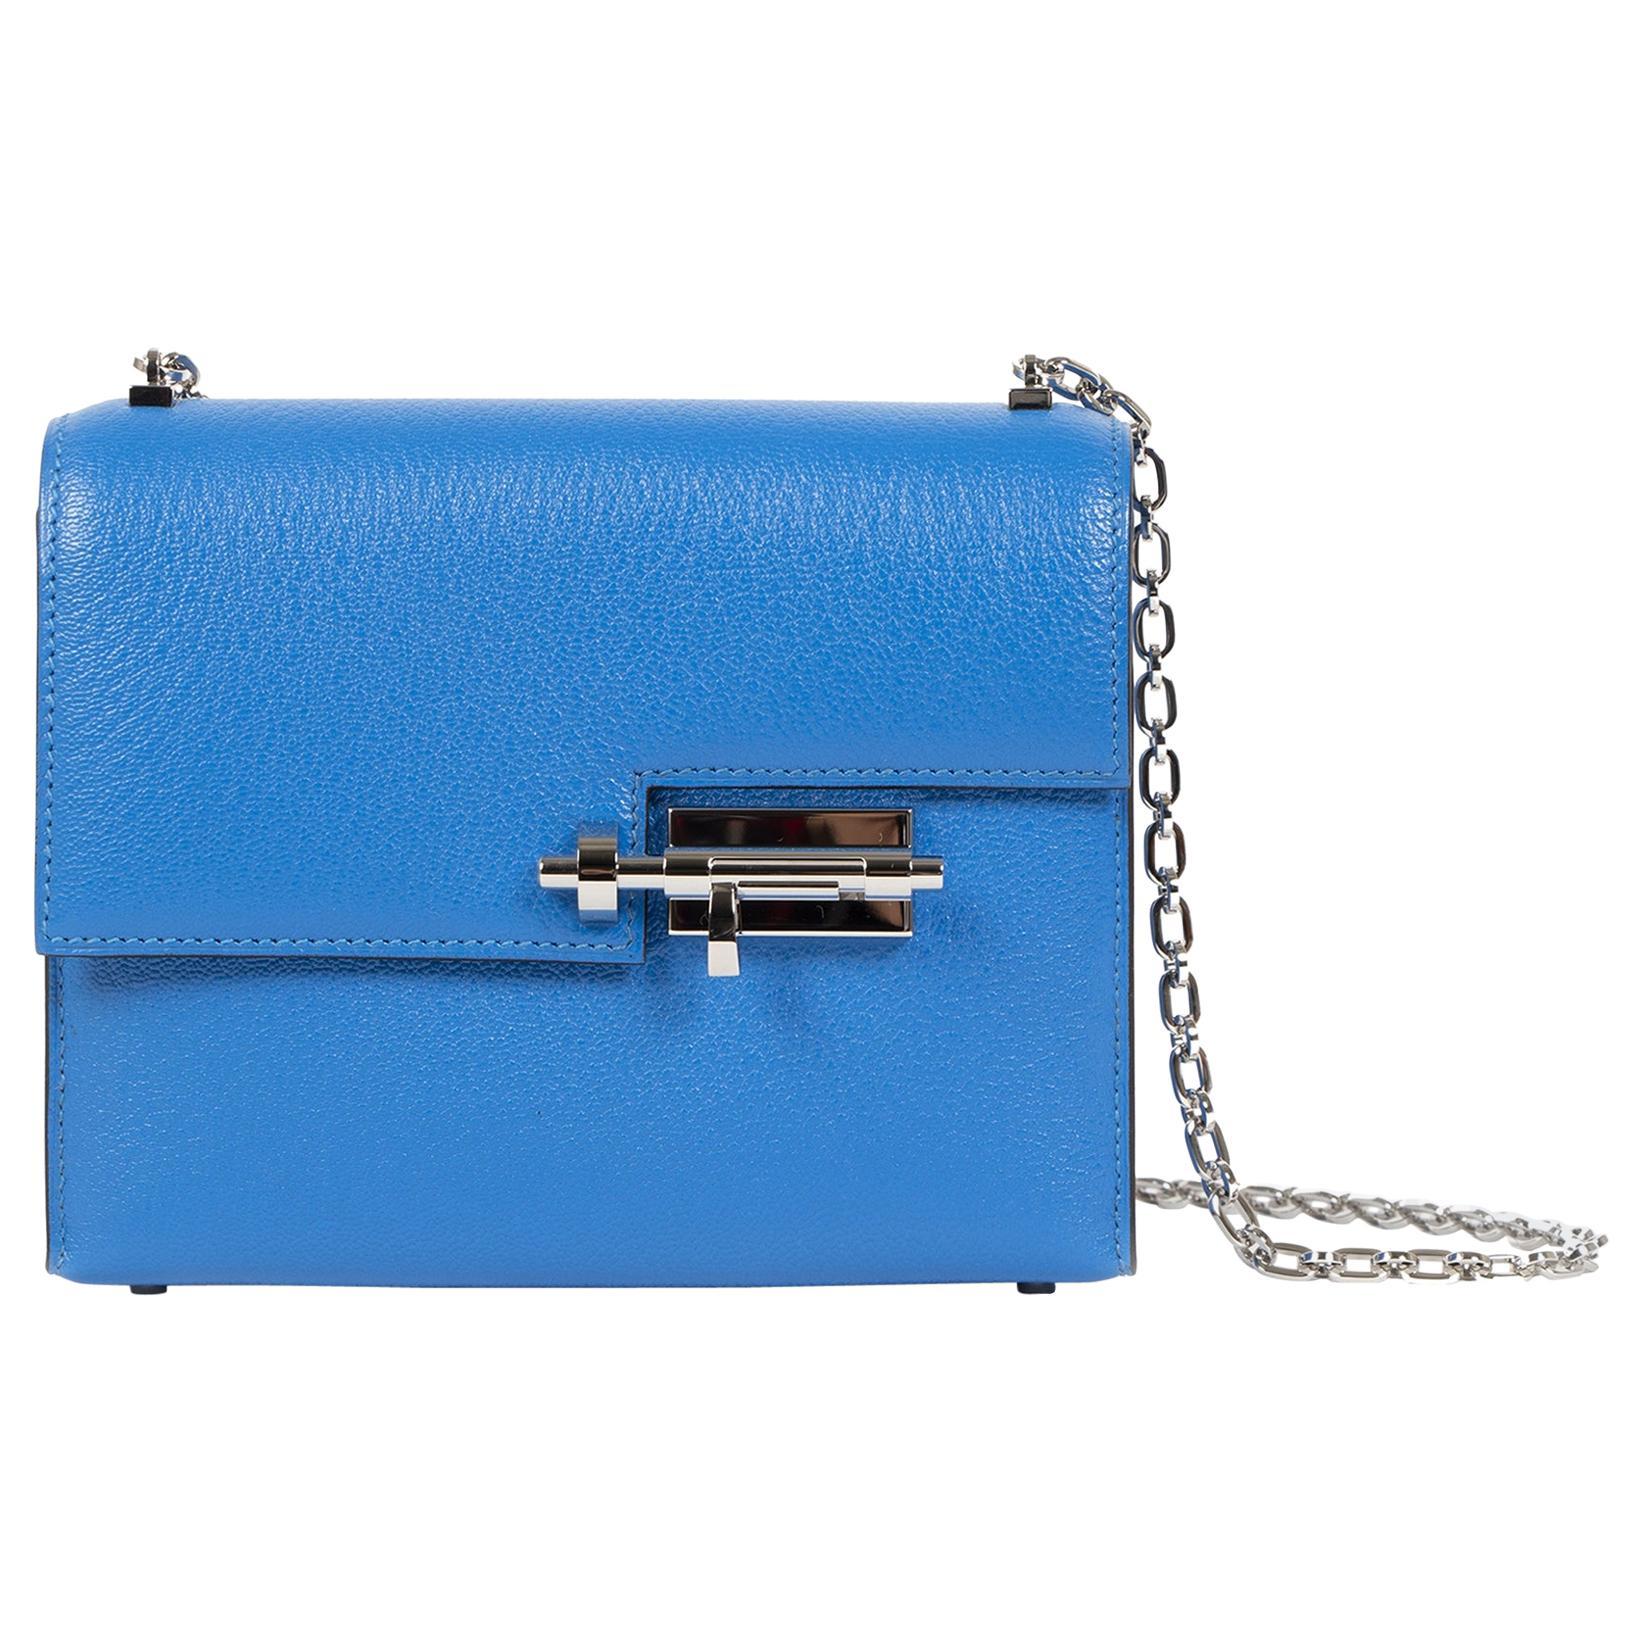 Hermès Sac Verrou Chaine Mini Chevre Mysore 17 Bleu Hydra